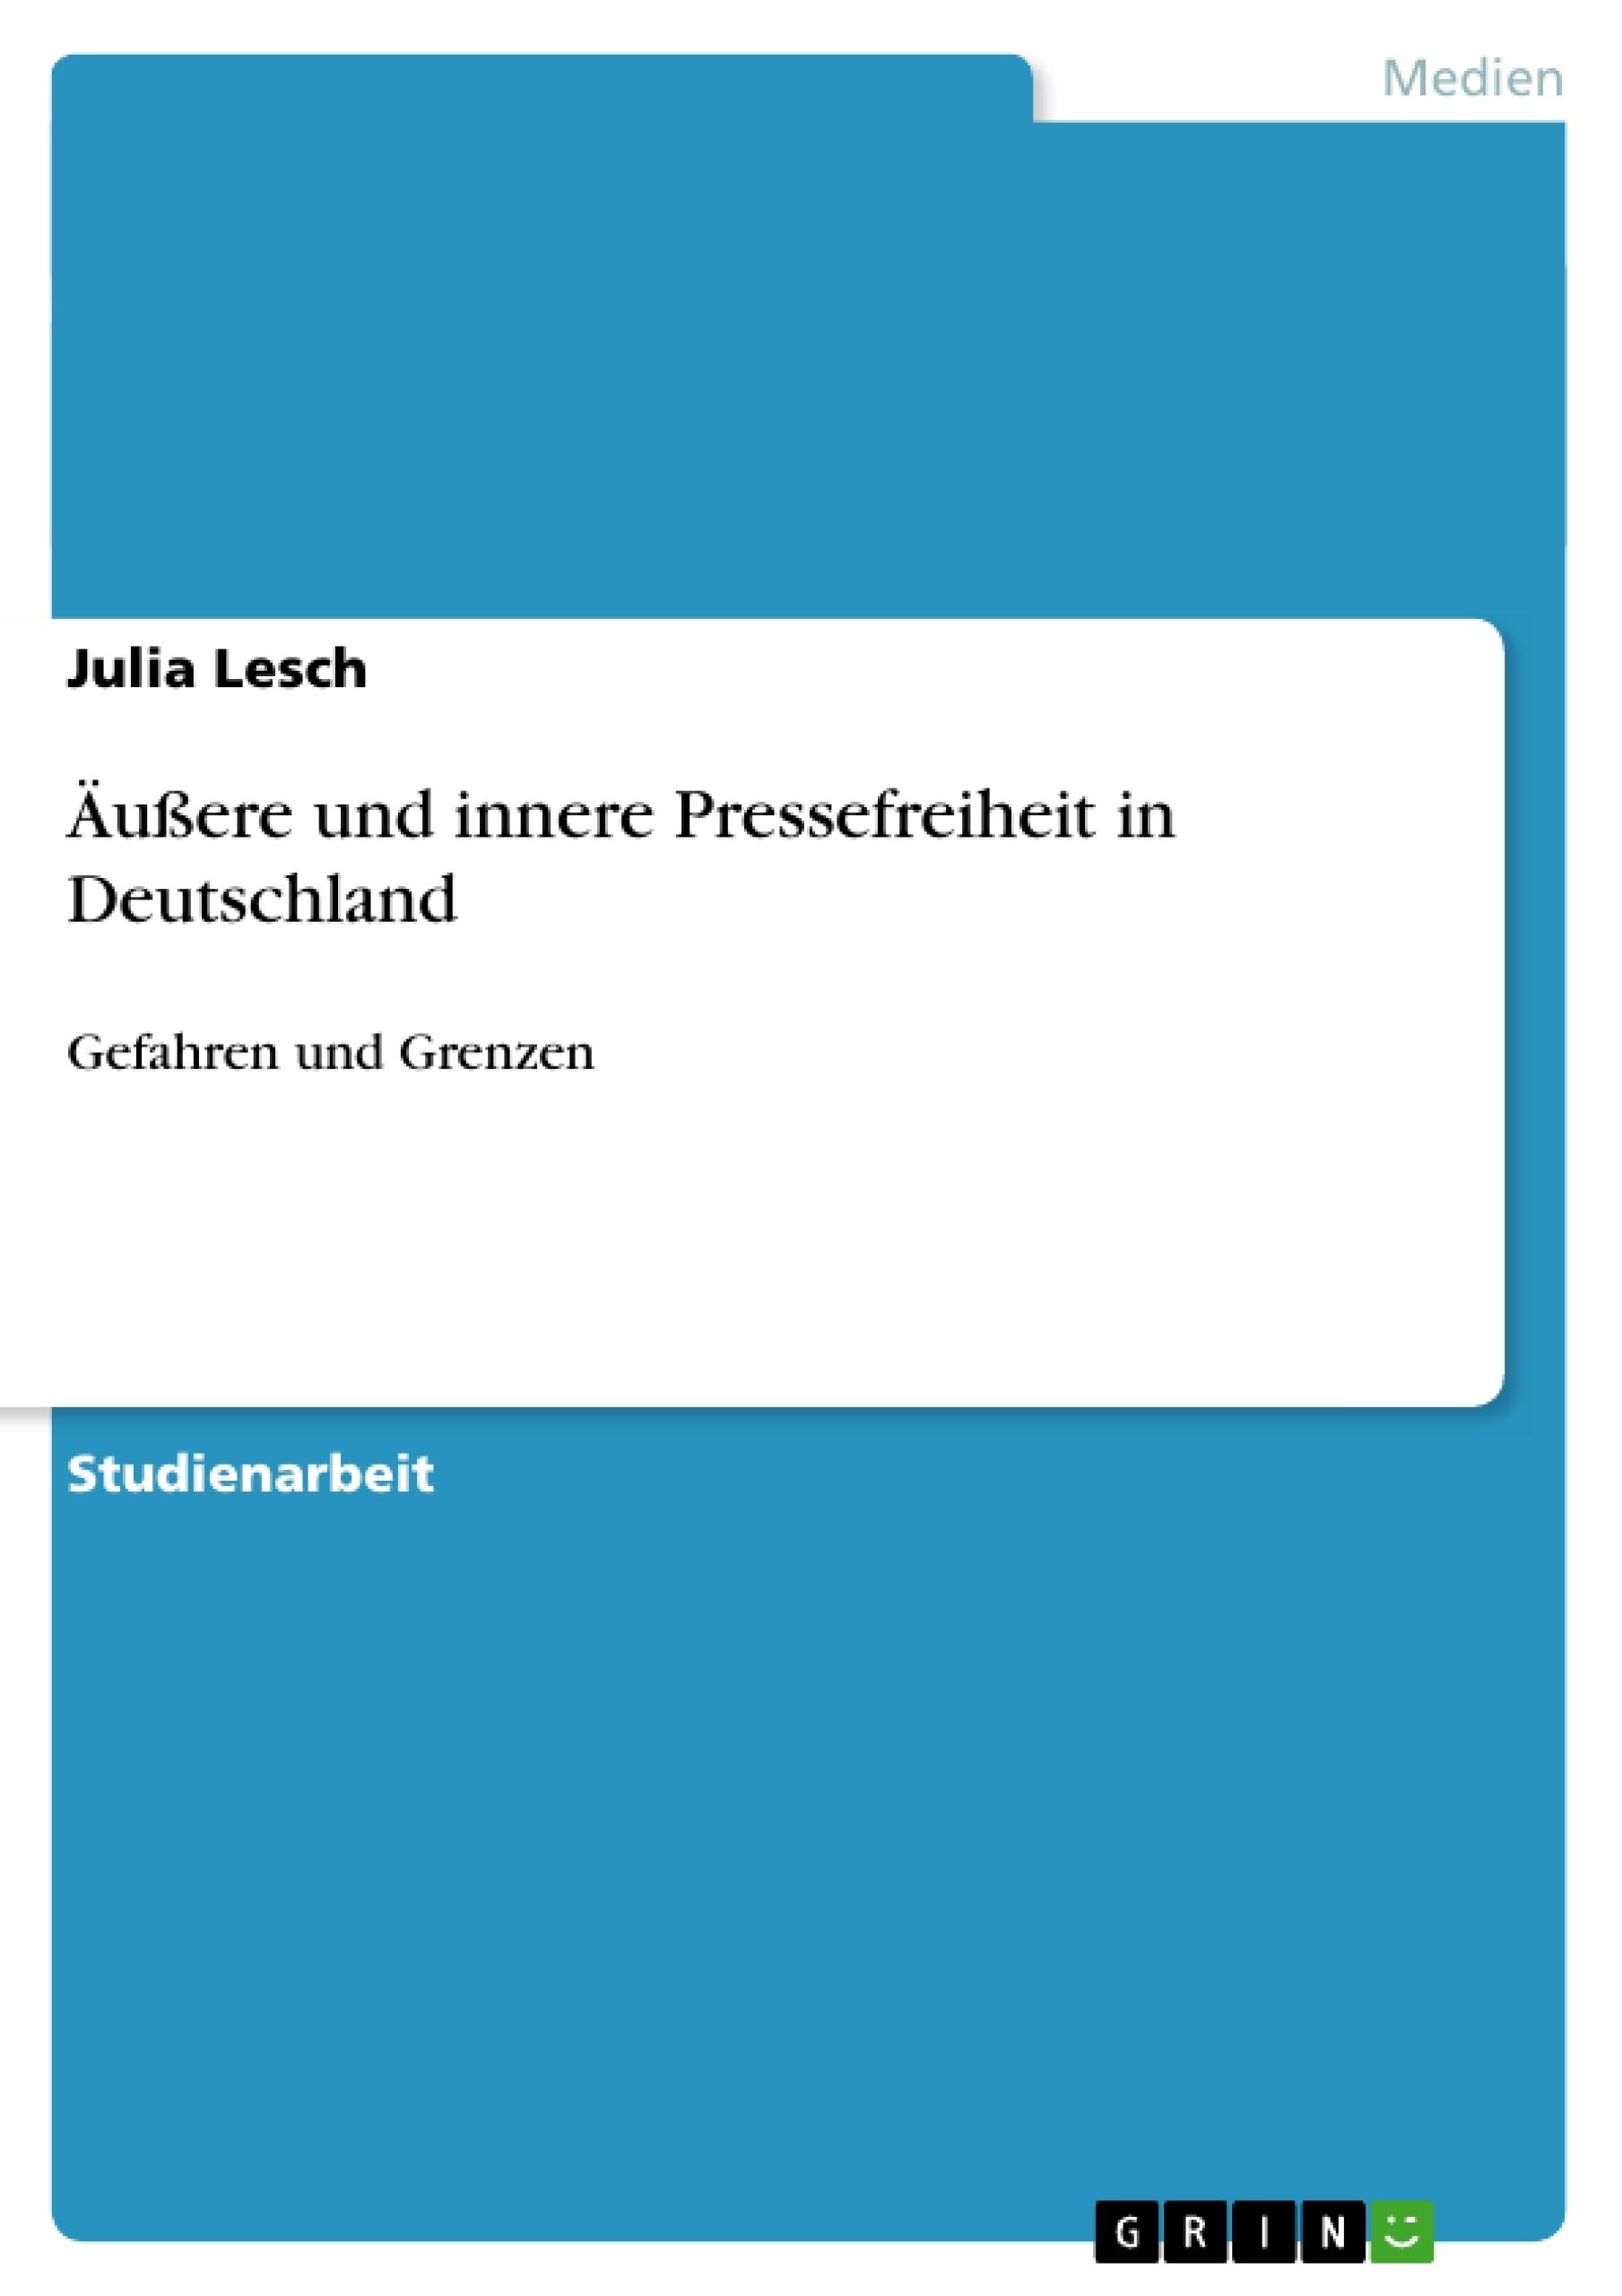 Titel: Äußere und innere Pressefreiheit in Deutschland